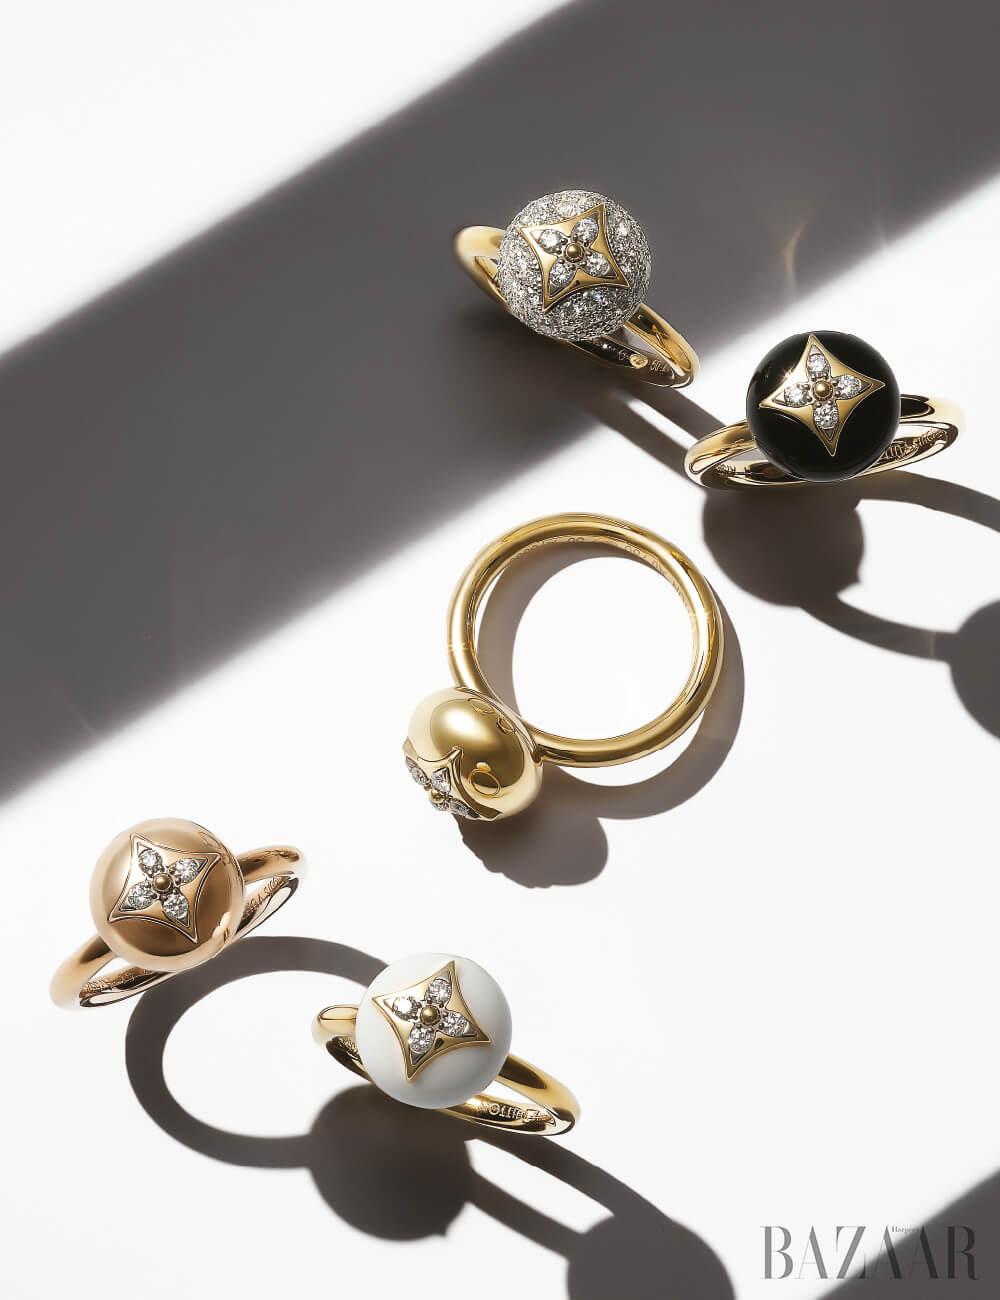 (위부터 시계 방향으로) 다이아몬드가 세팅된 'B 블라썸' 반지, 오닉스와 다이아몬드가 세팅된 반지, 옐로 골드 반지, 마노 장식 반지, 핑크 골드에 다이아몬드가 세팅된 반지는 모두 가격 미정 Louis Vuitton.